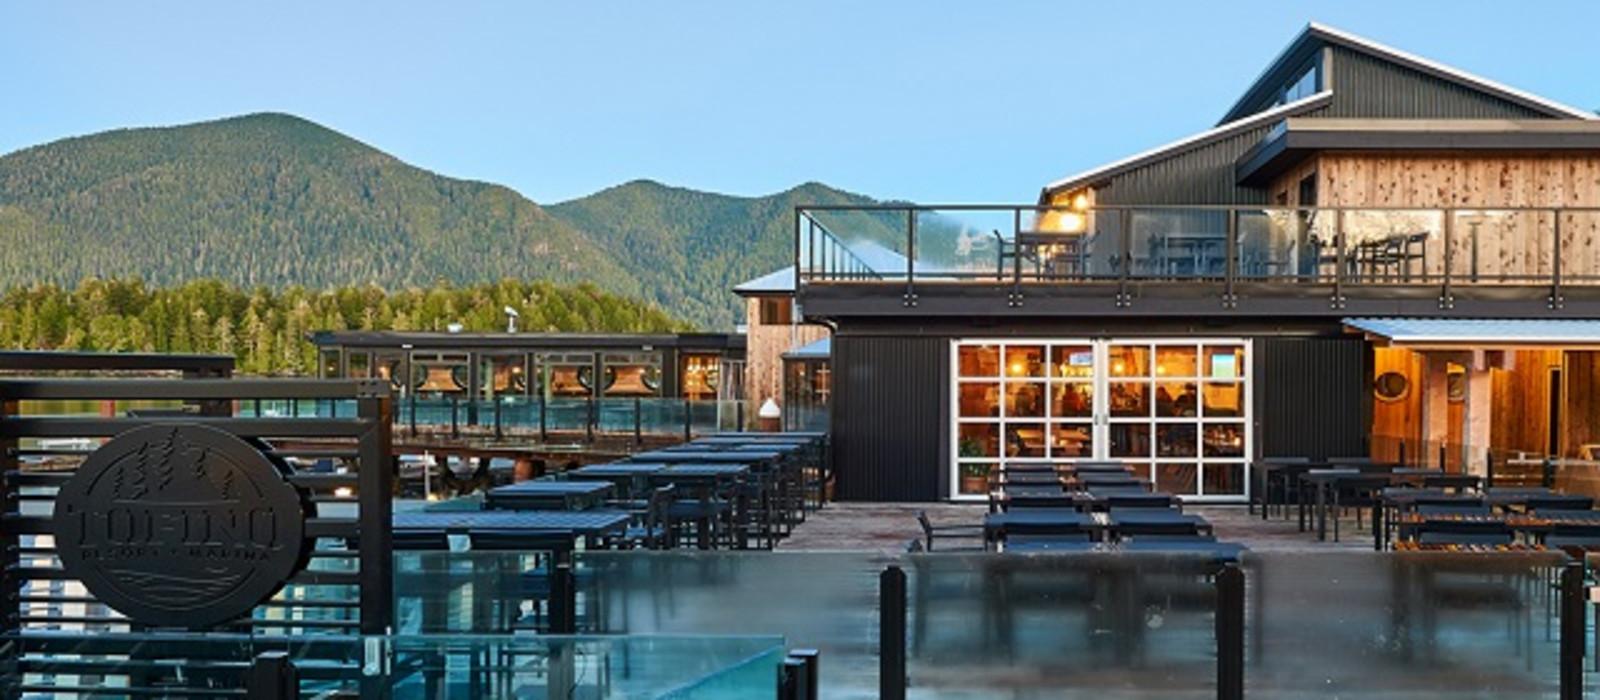 Hotel Tofino Resort and Marina Kanada